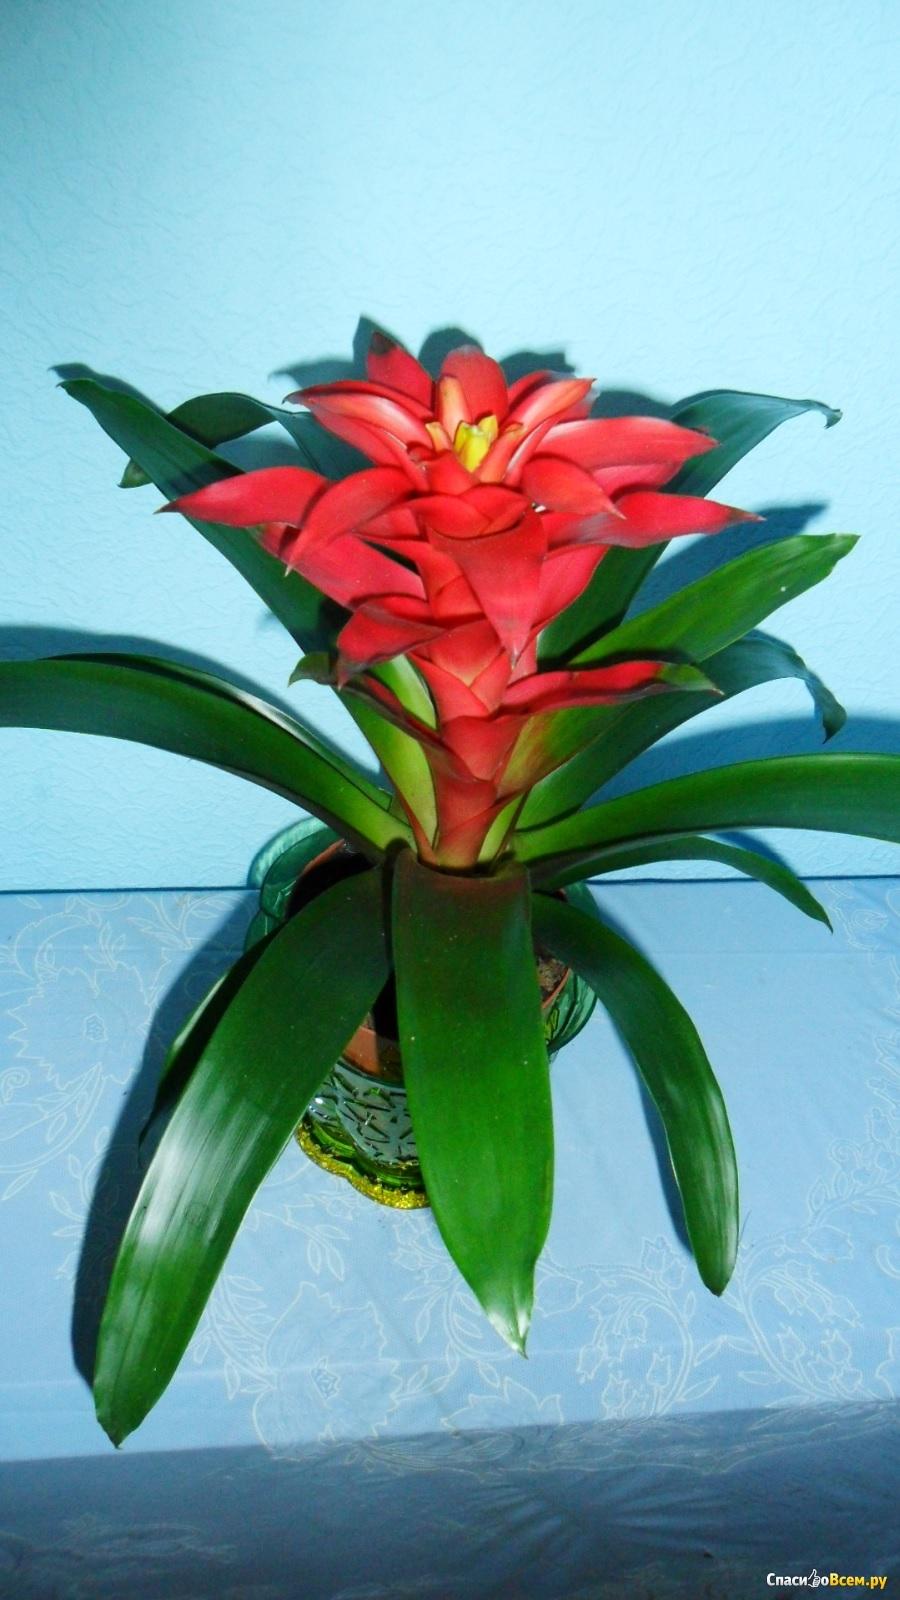 Крупный цветок гузмании